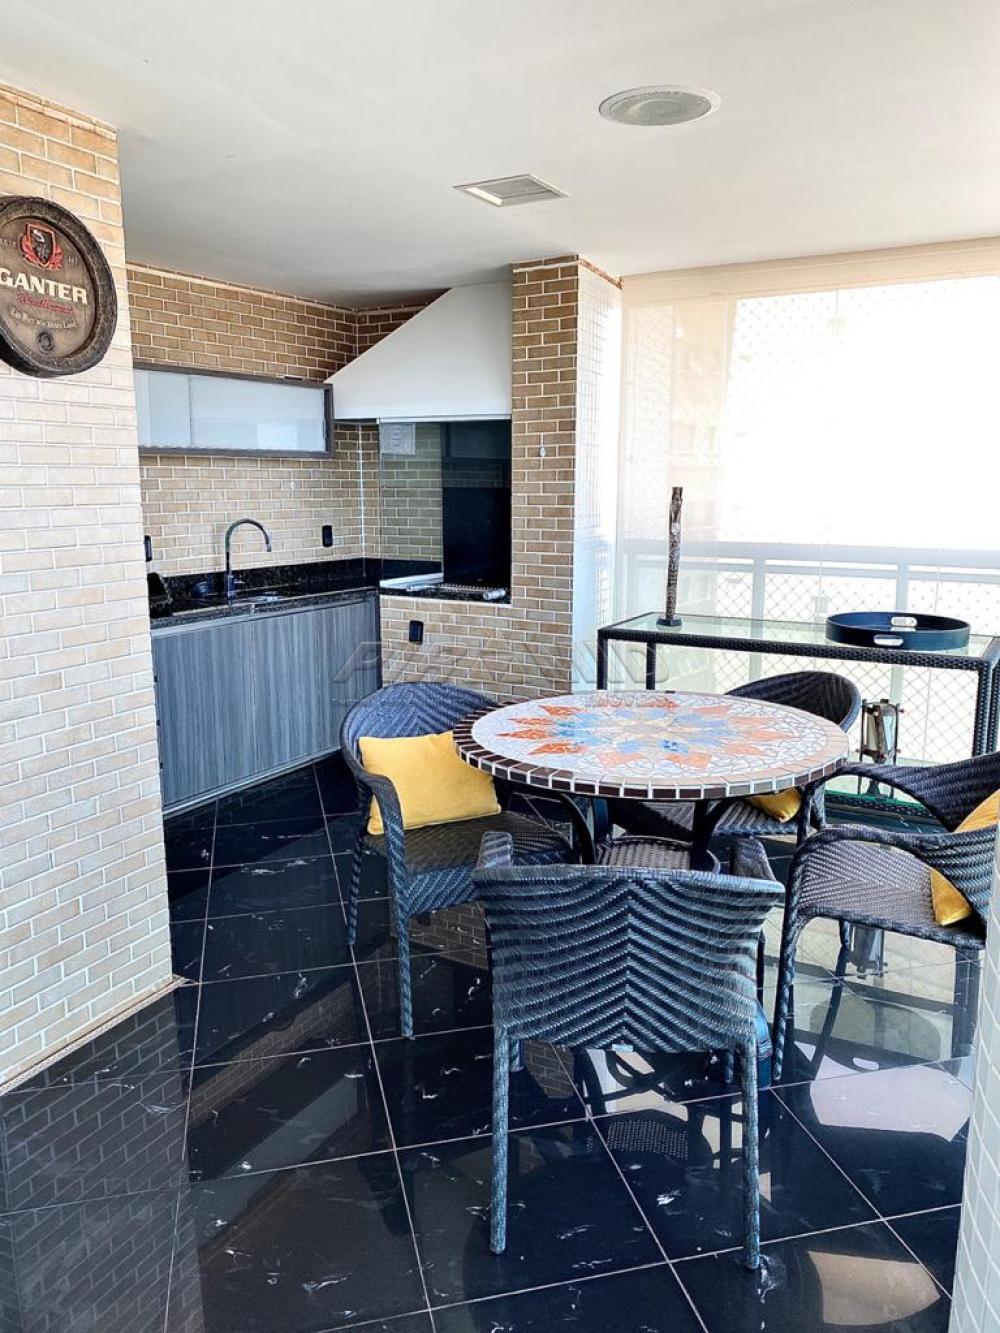 Comprar Apartamento / Cobertura em Ribeirão Preto apenas R$ 2.300.000,00 - Foto 9